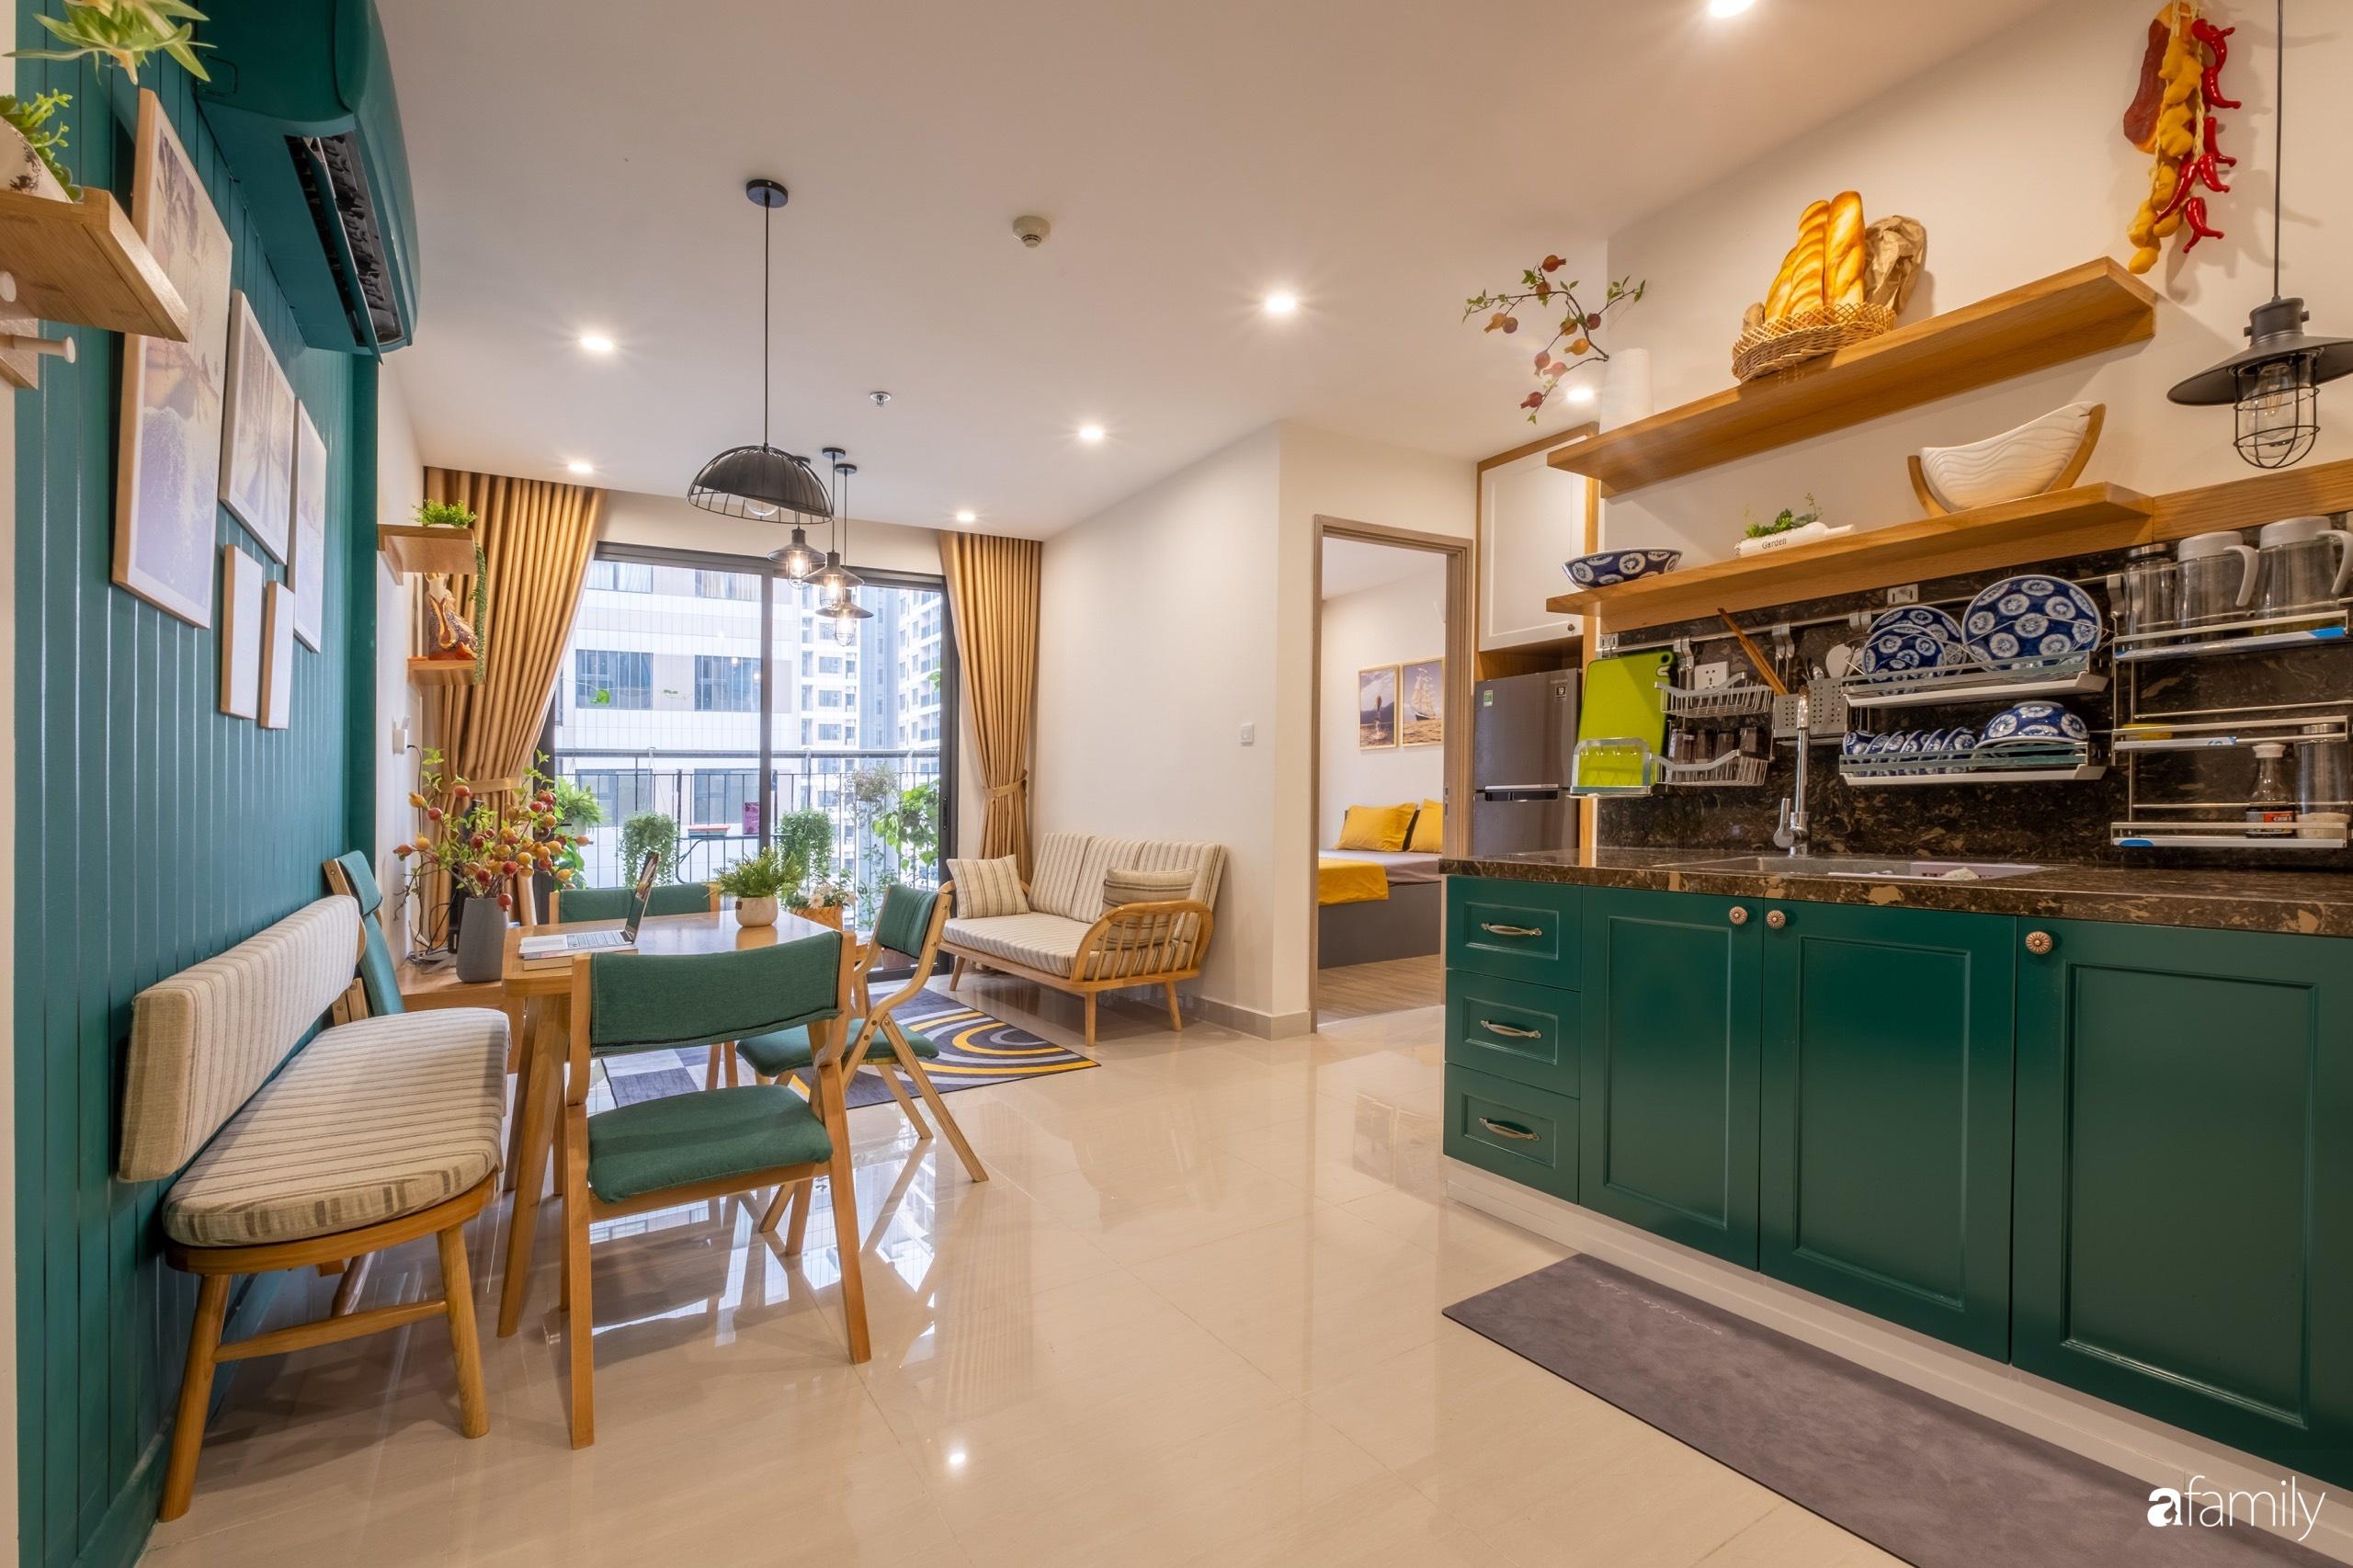 Căn hộ 54m² đẹp cuốn hút với tông màu xanh gần gũi với thiên nhiên có chi phí hoàn thiện nội thất 150 triệu đồng ở Hà Nội - Ảnh 3.